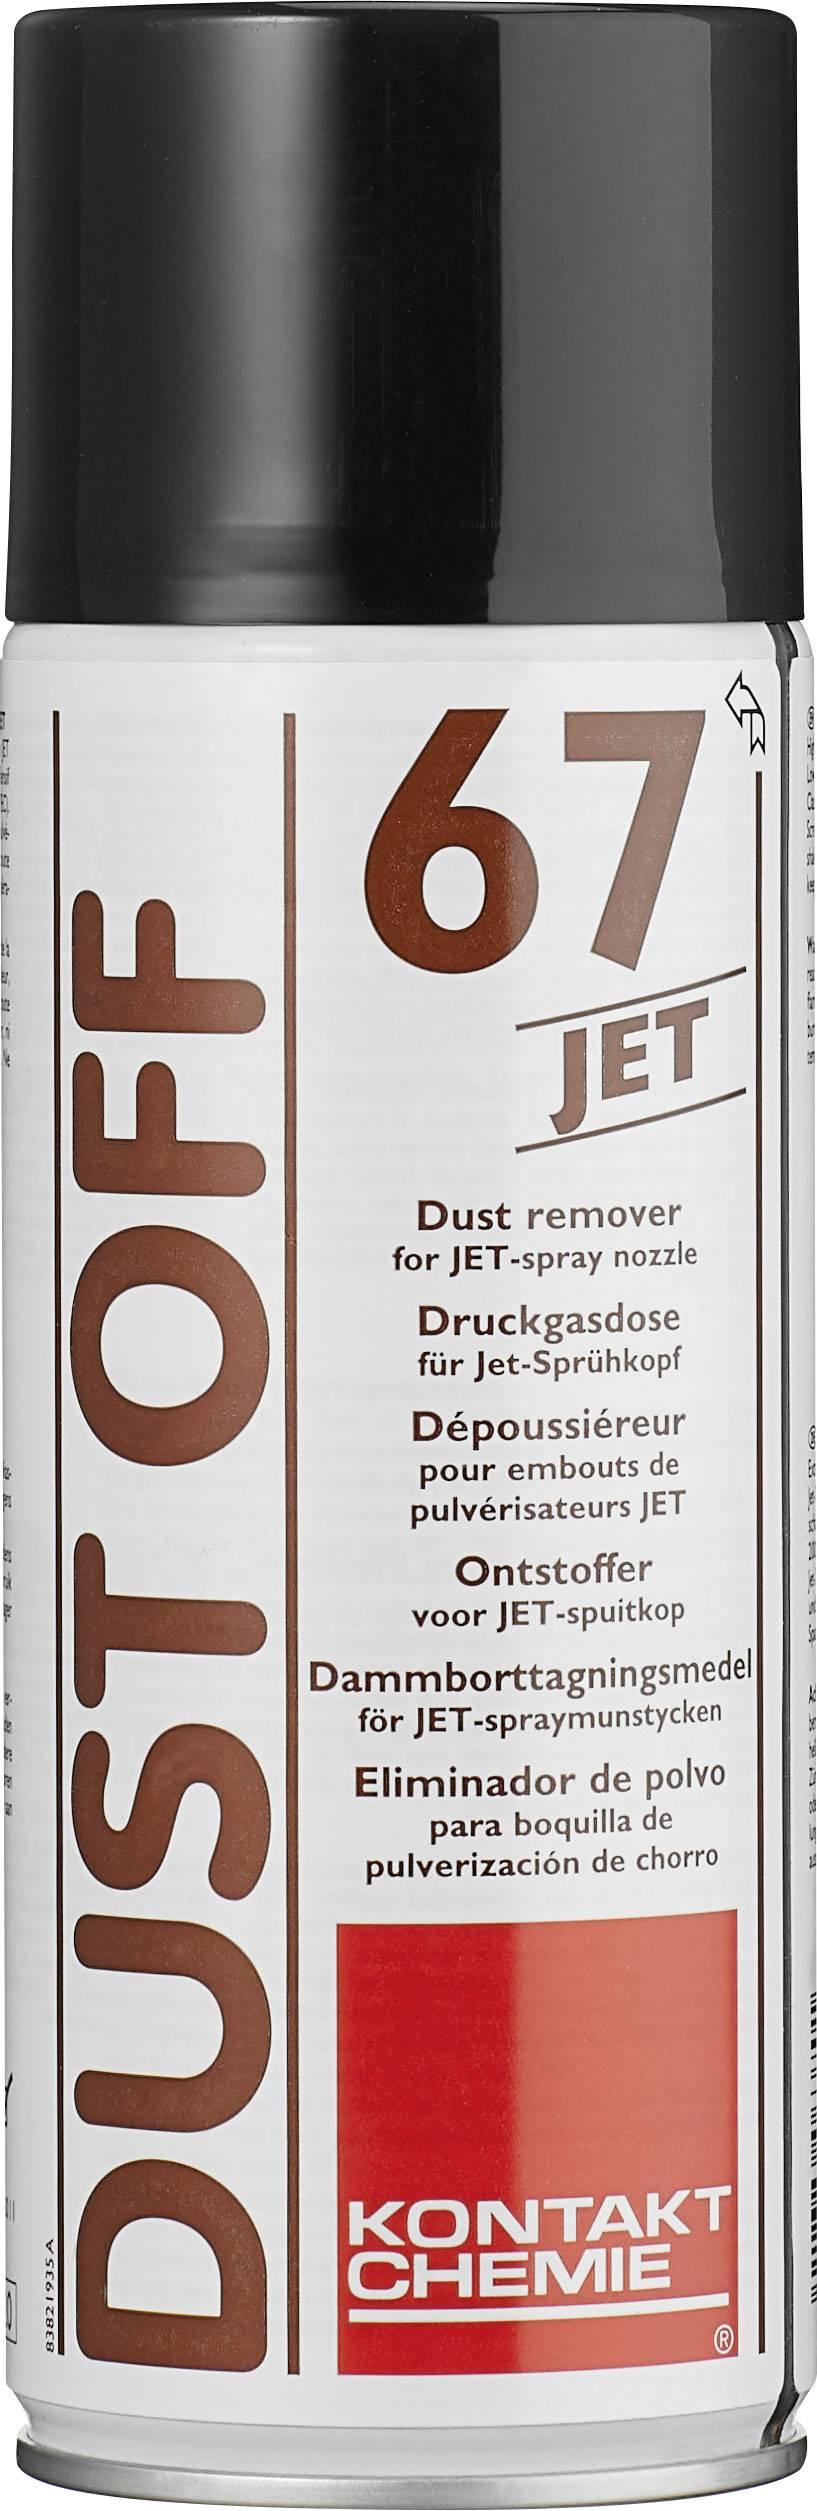 Přesný čistič Kontakt Chemie DUST OFF 67 JET 32692, 300 ml